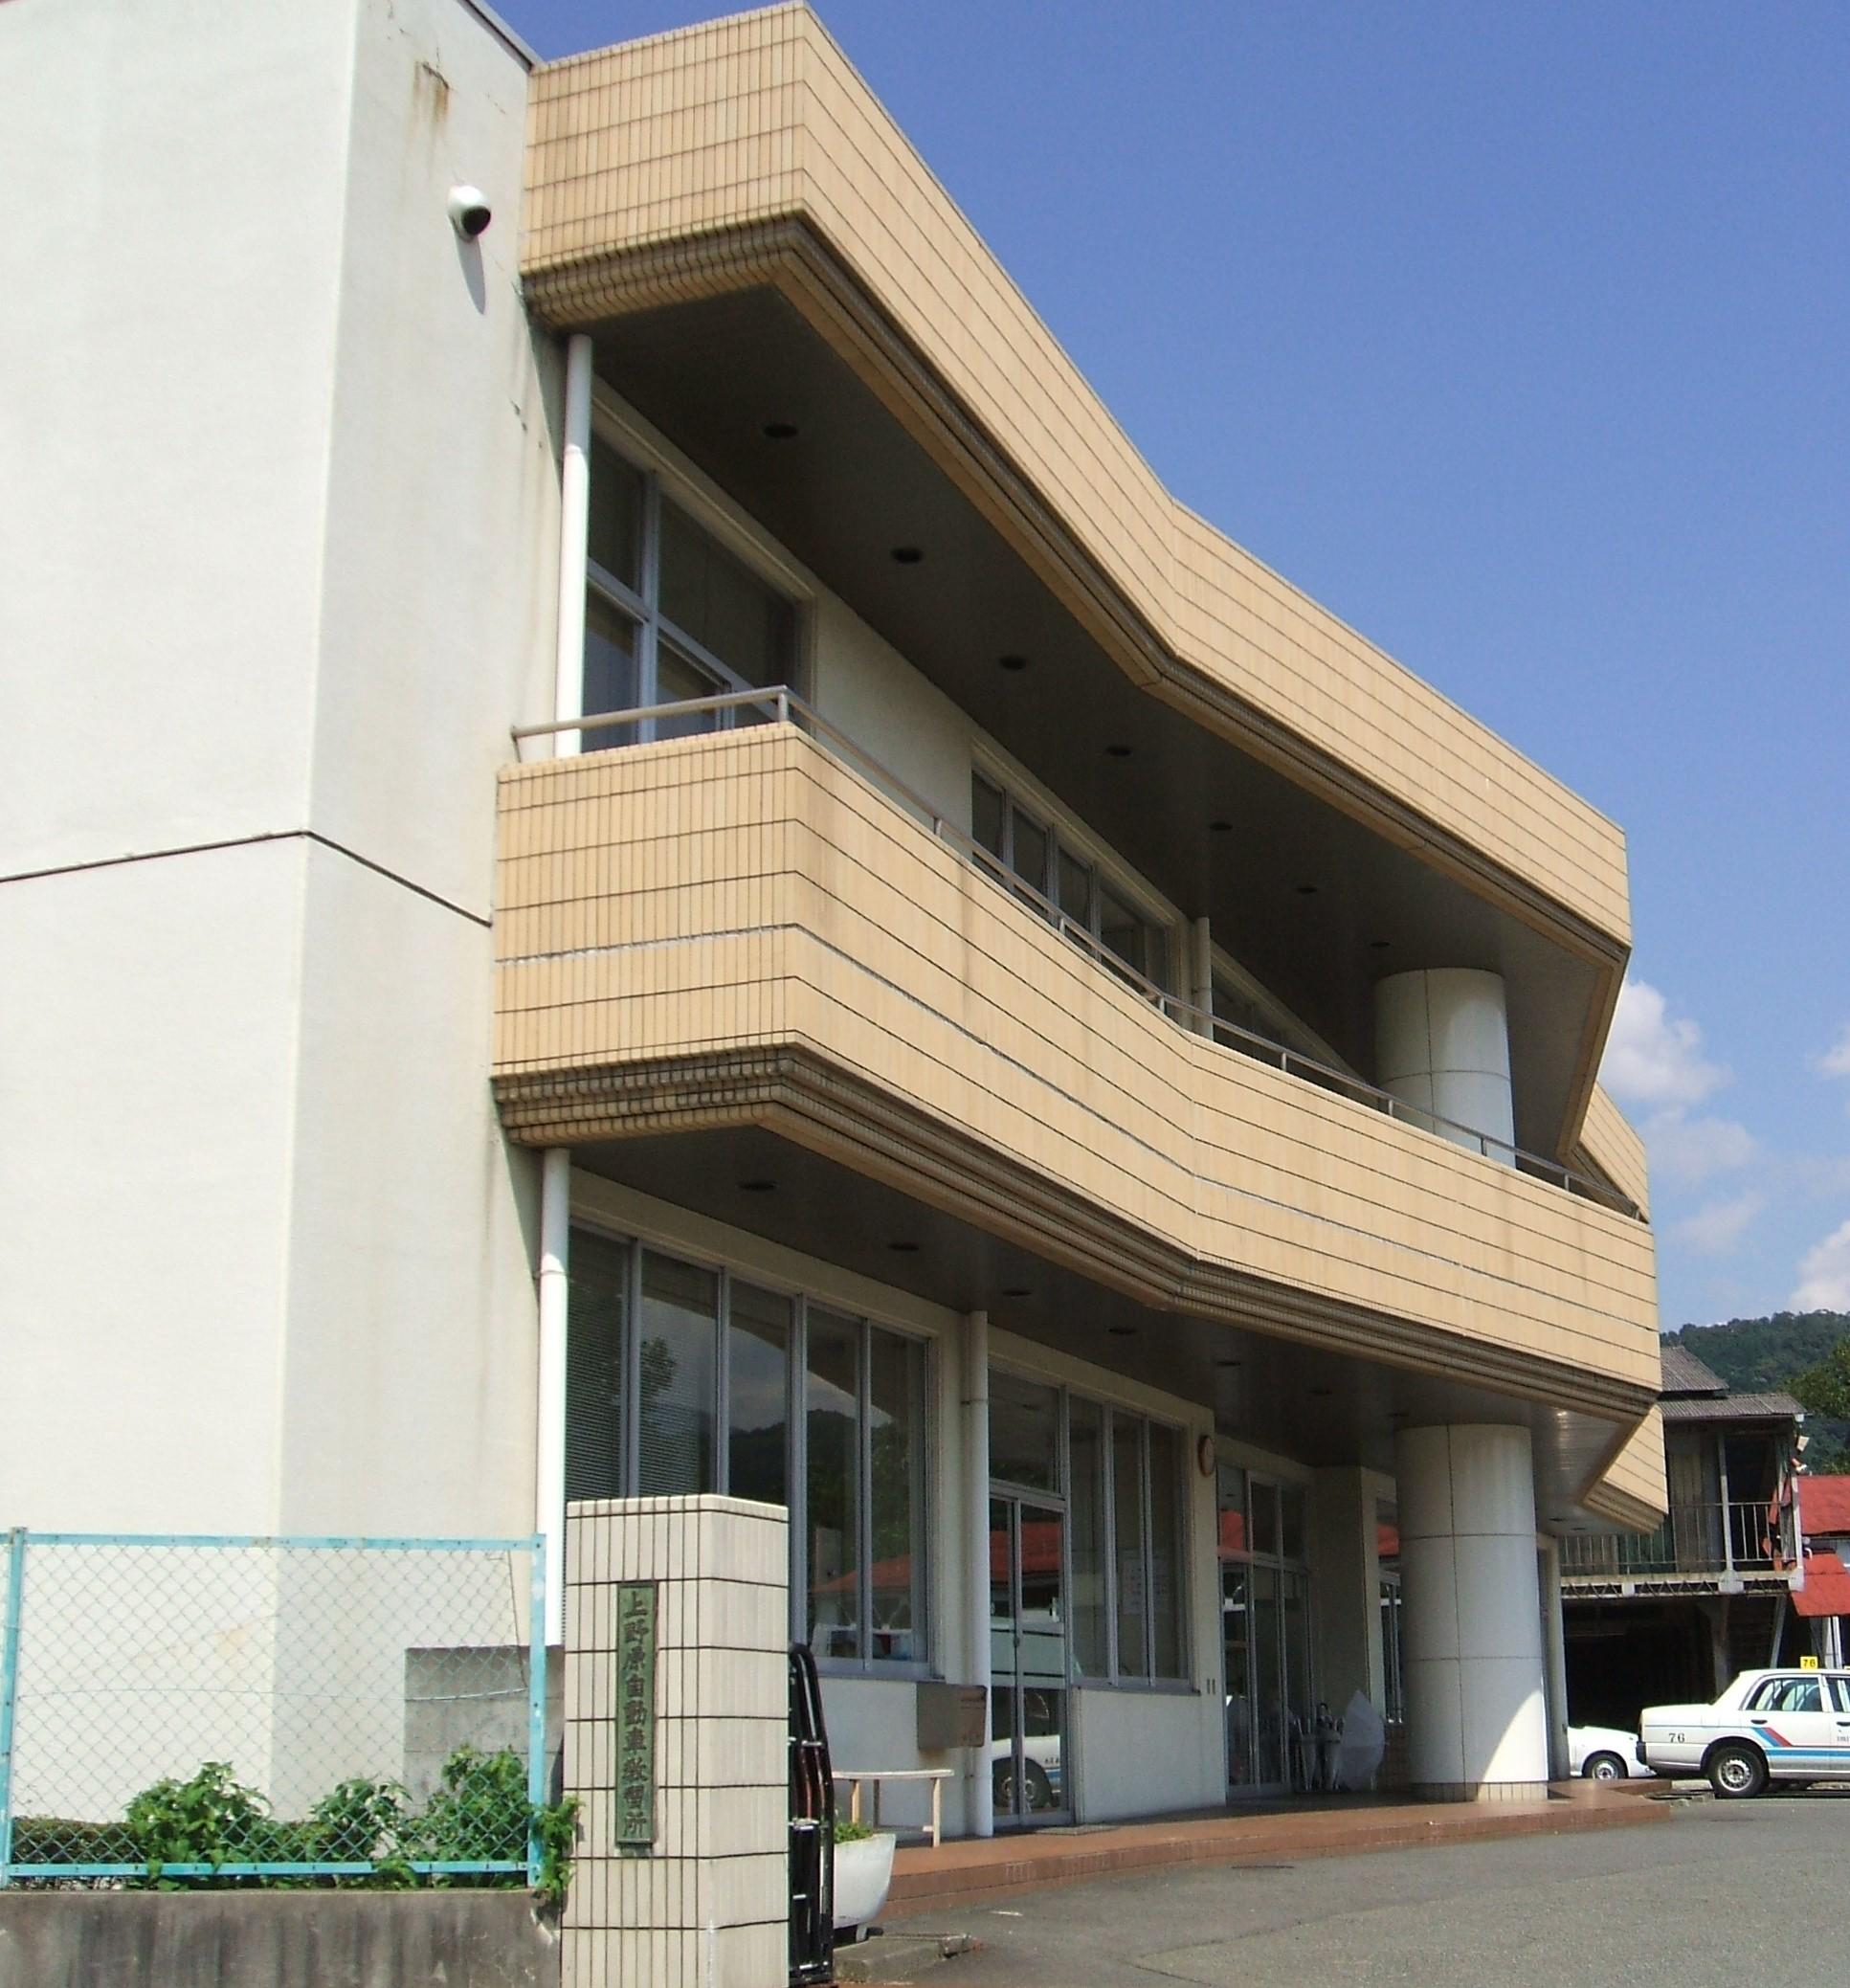 上野原自動車興趣所 合宿免許 校舎